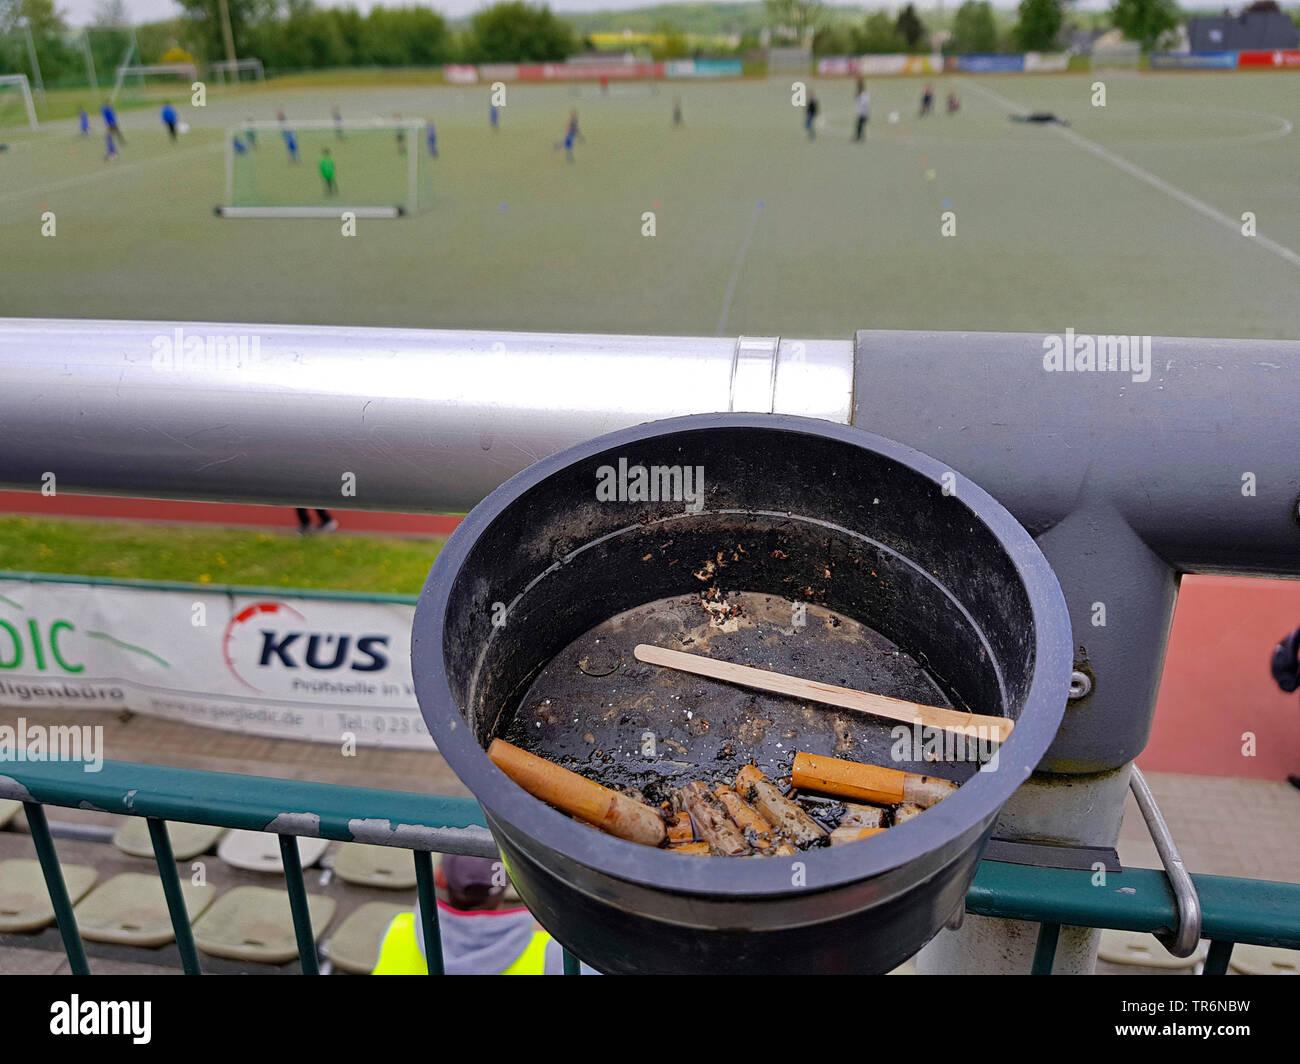 Aschenbecher mit Zigarettenkippen auf der Tribuene eines Sportplatzes, Deutschland   cigarette stubs in an ashtray at football stands, Germany   BLWS4 - Stock Image